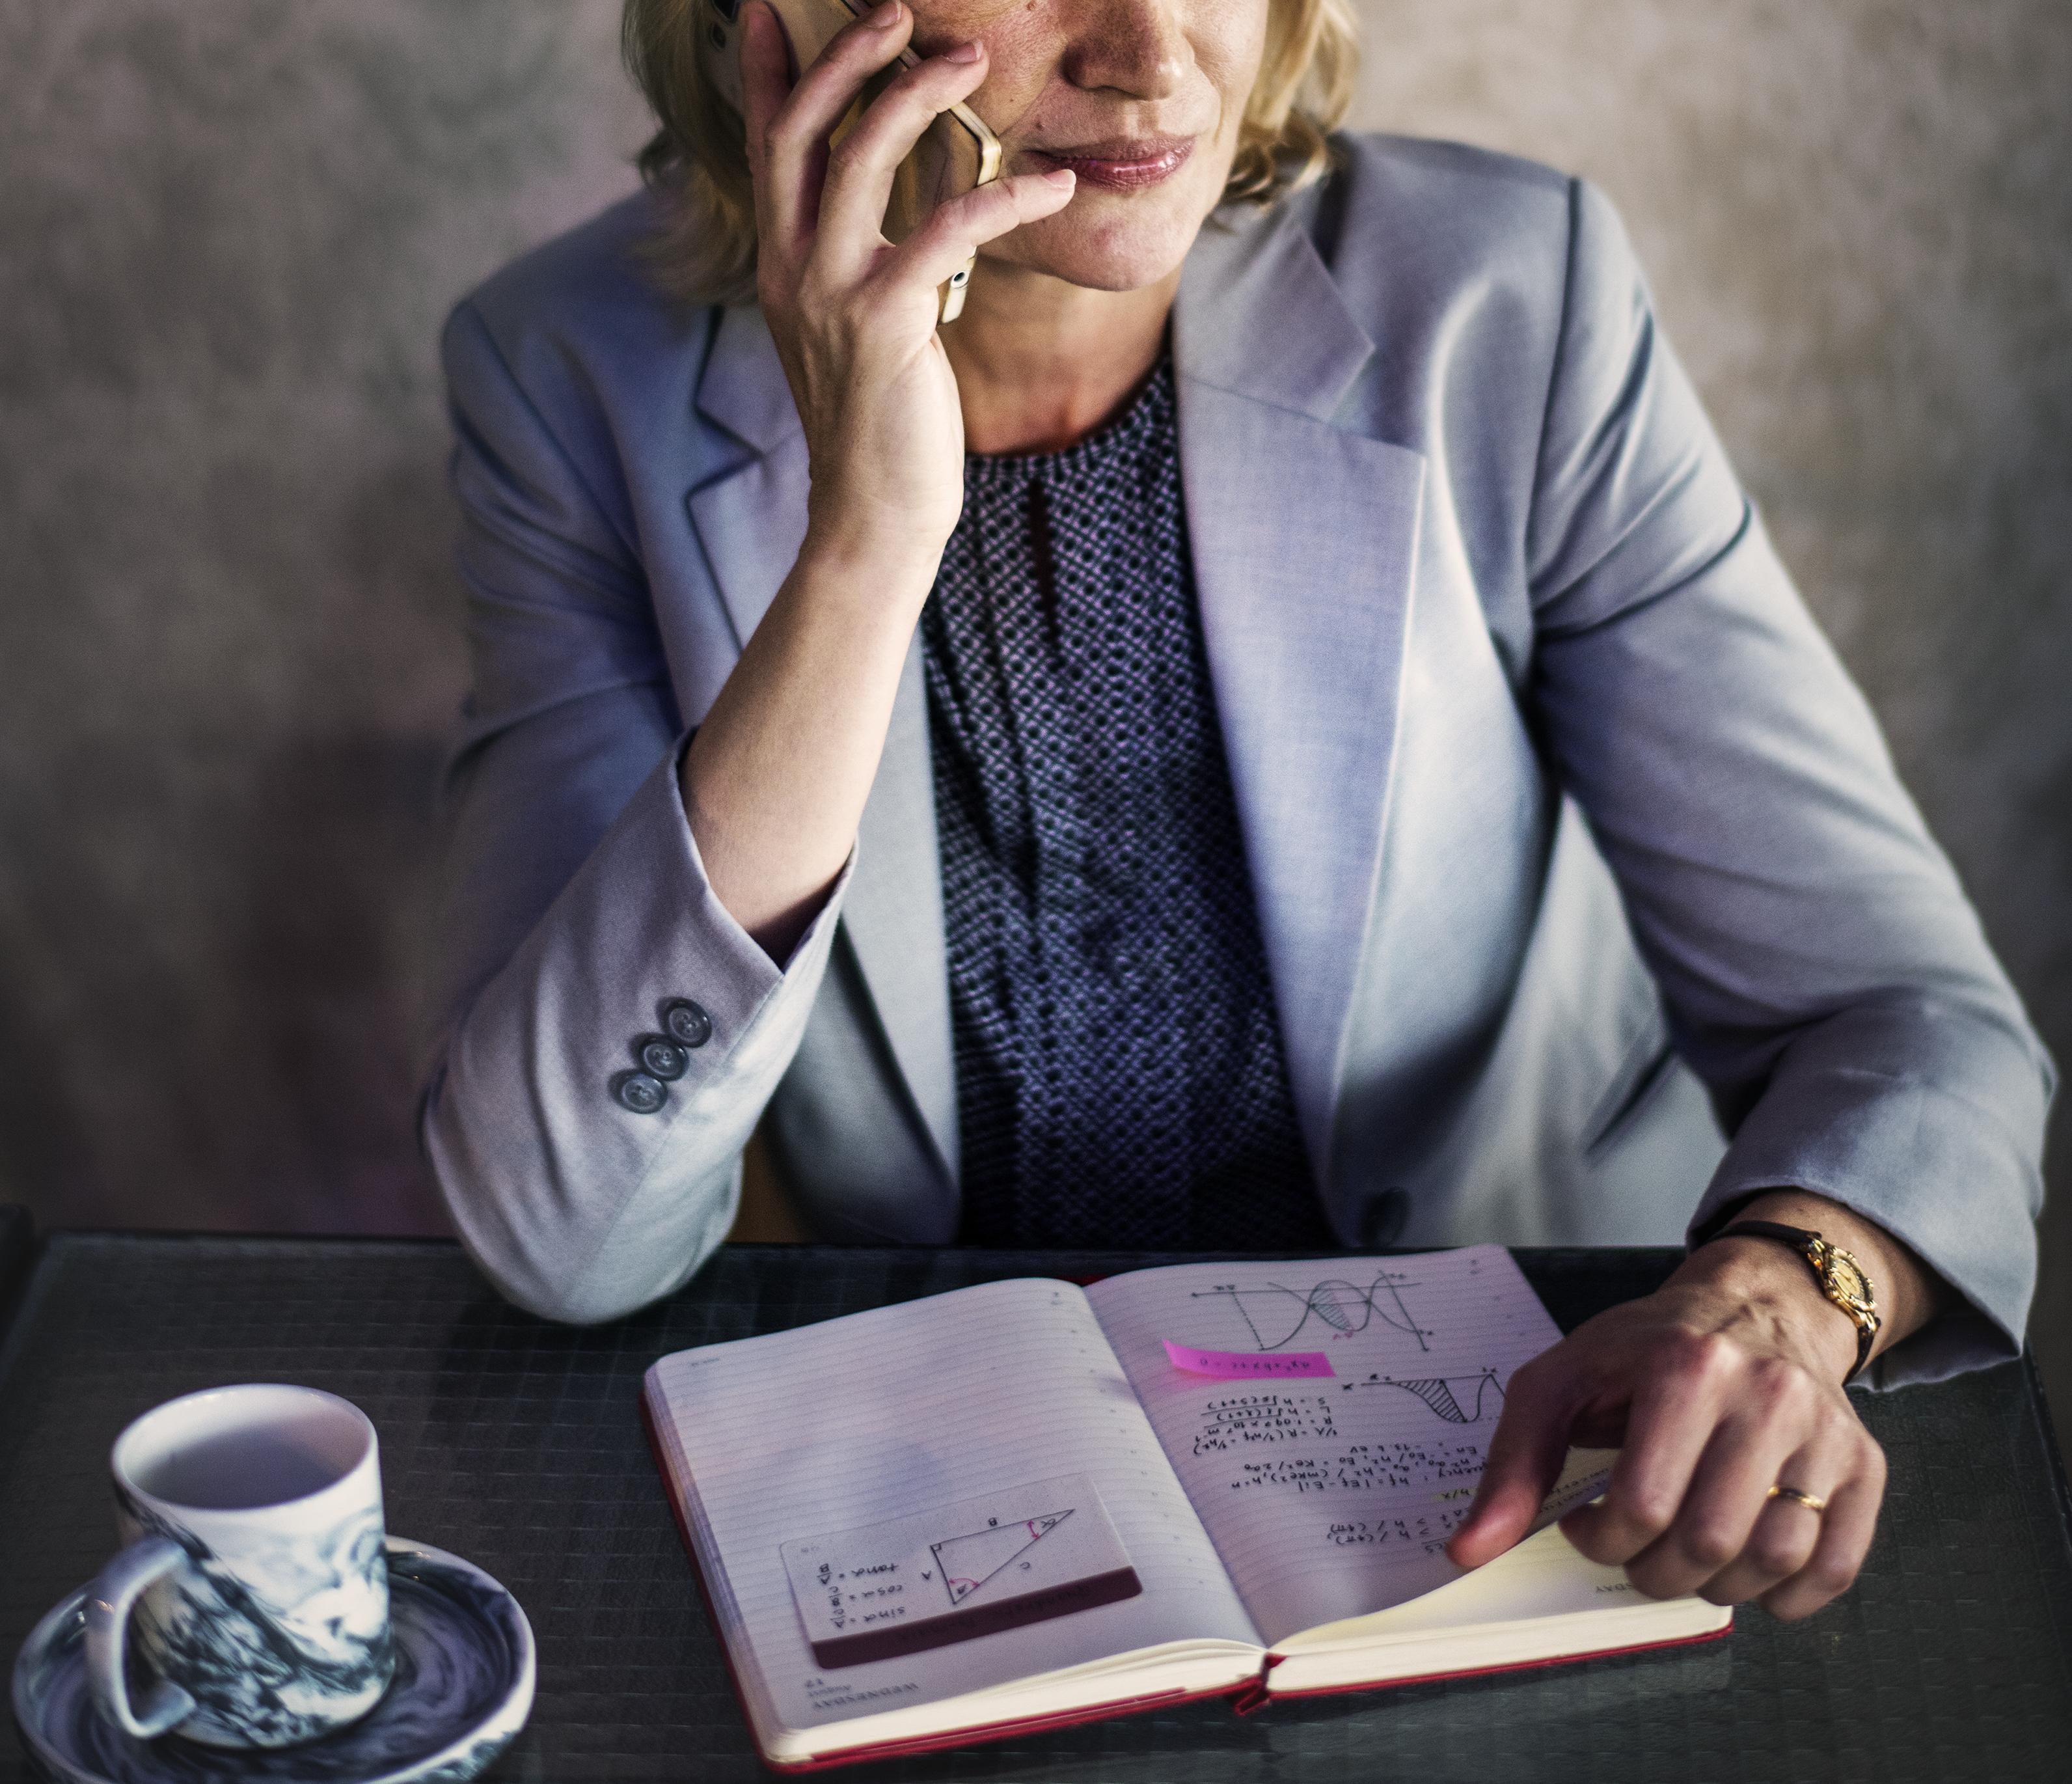 færre kvindelige ledere i danmark (Foto: Pxhere)